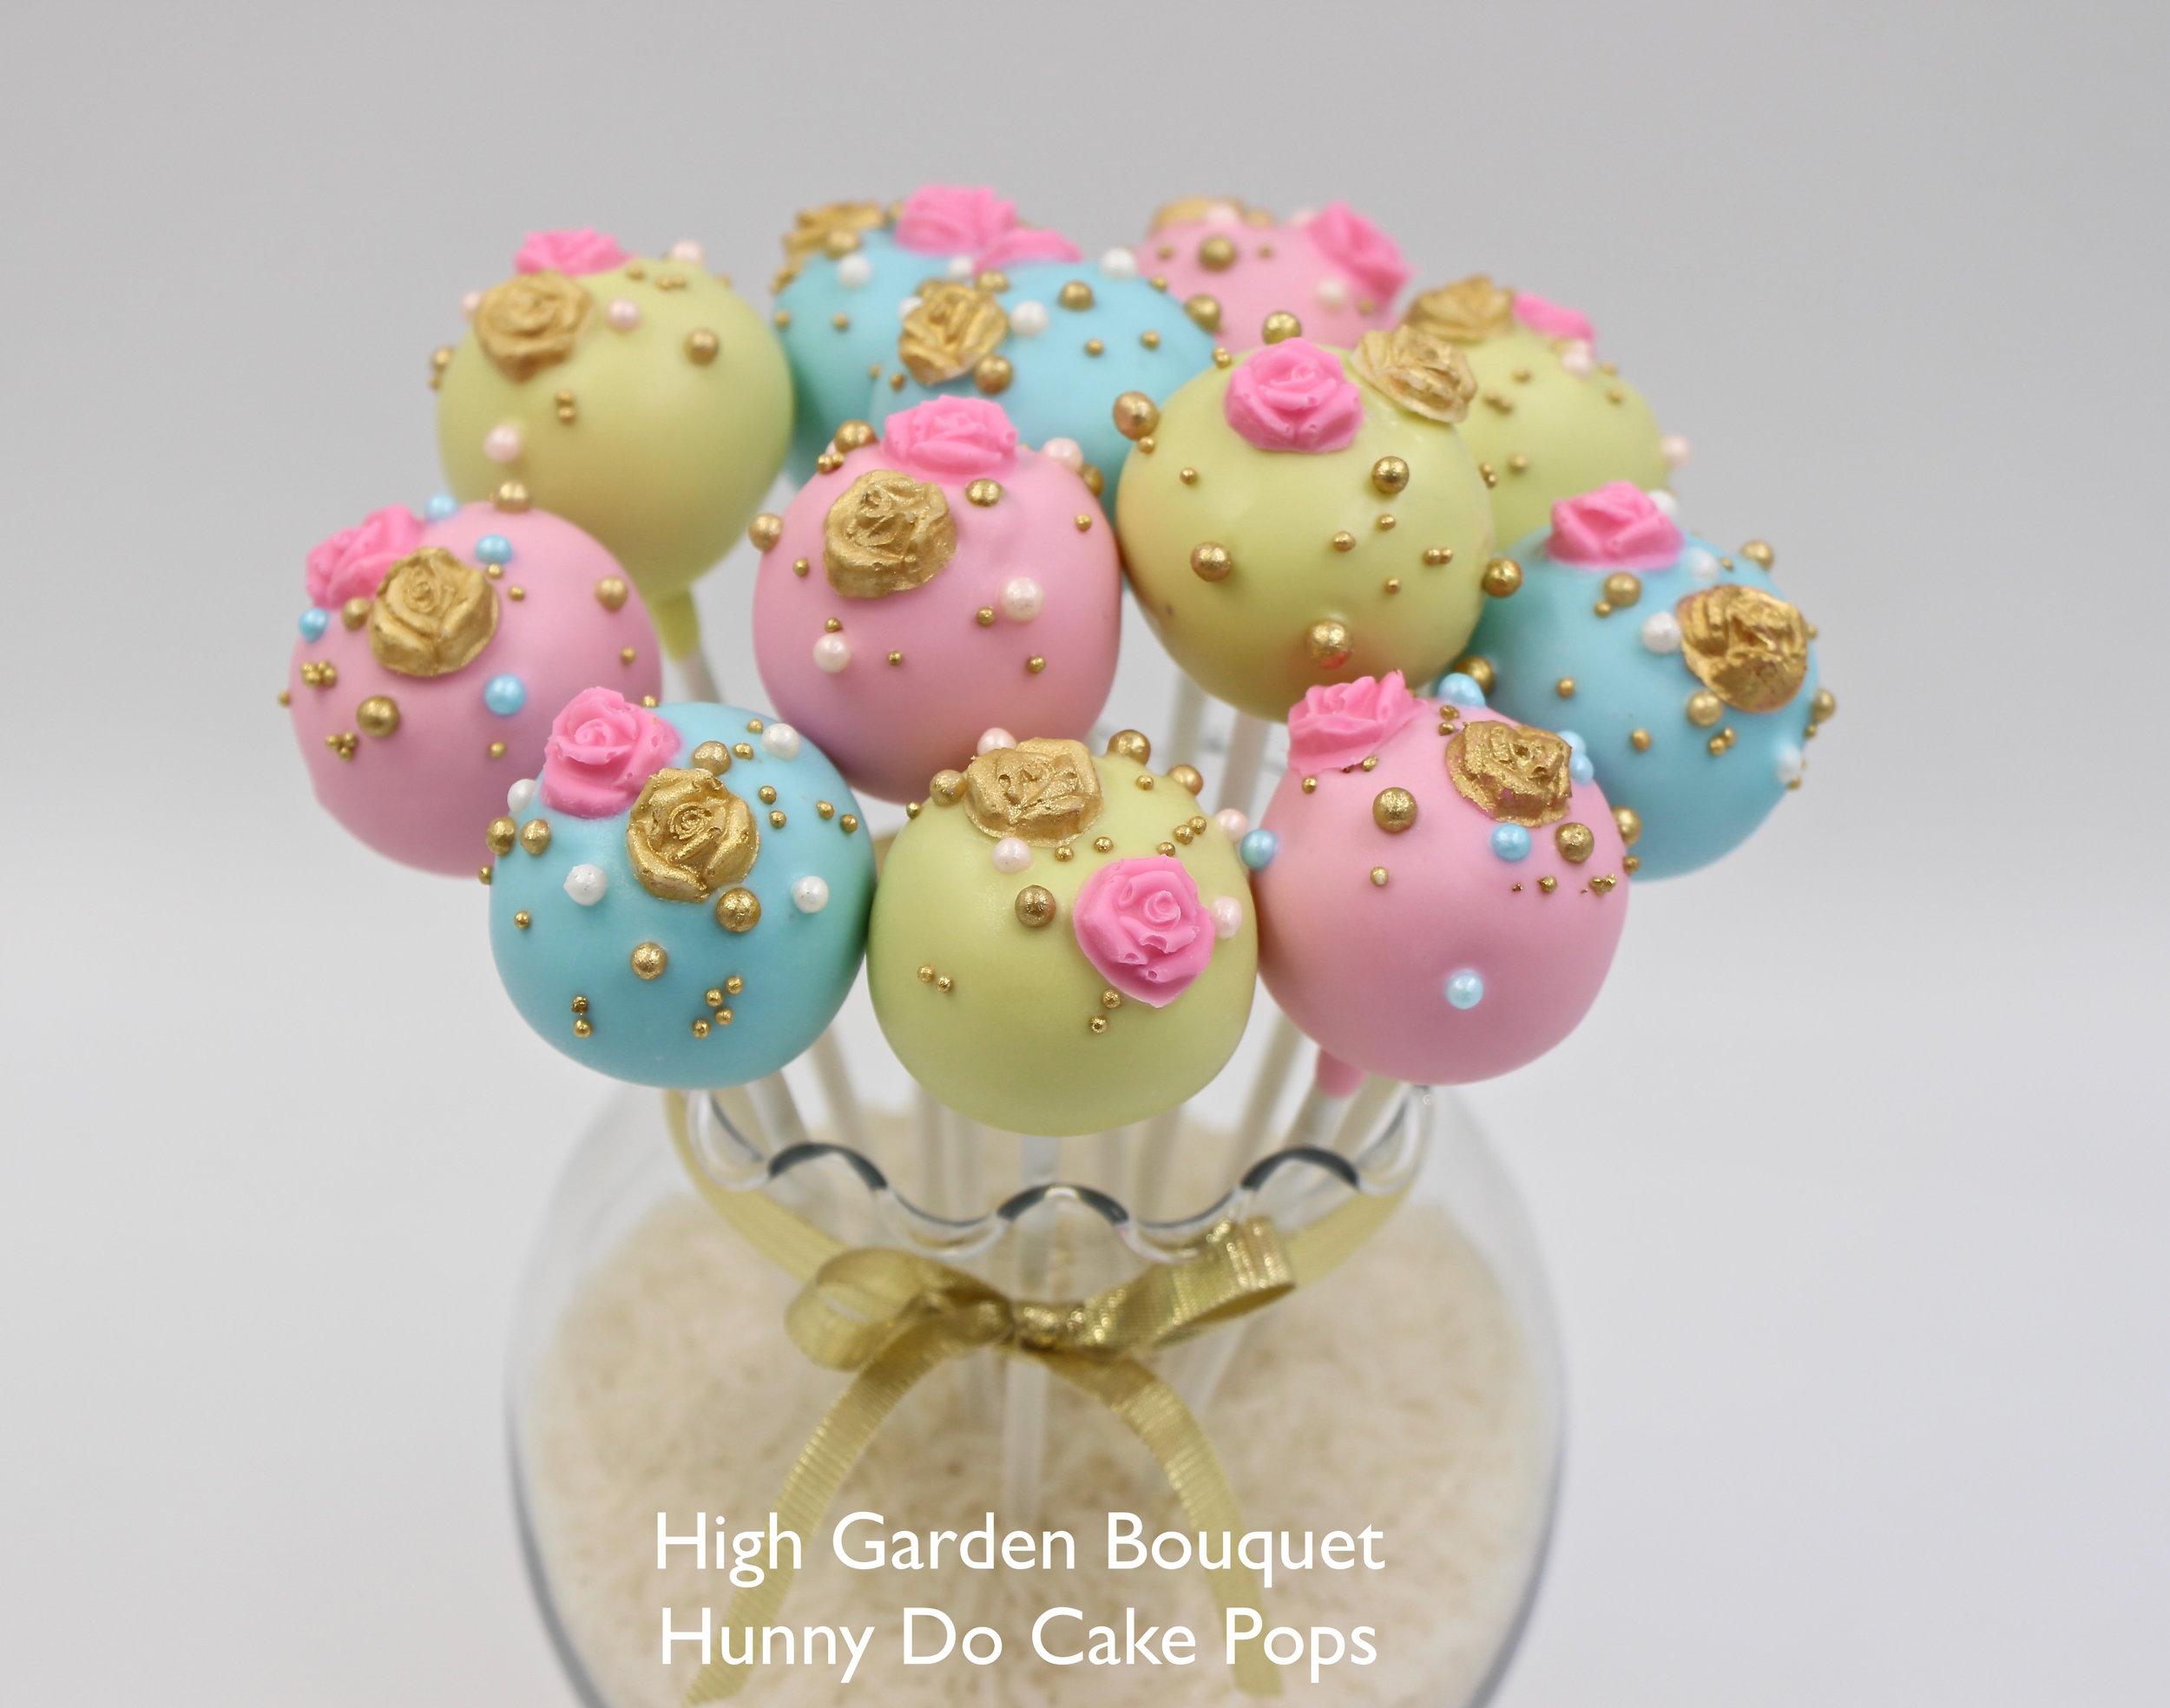 High Tea Garden Cake Pop Bouquet Hunny Do.jpg